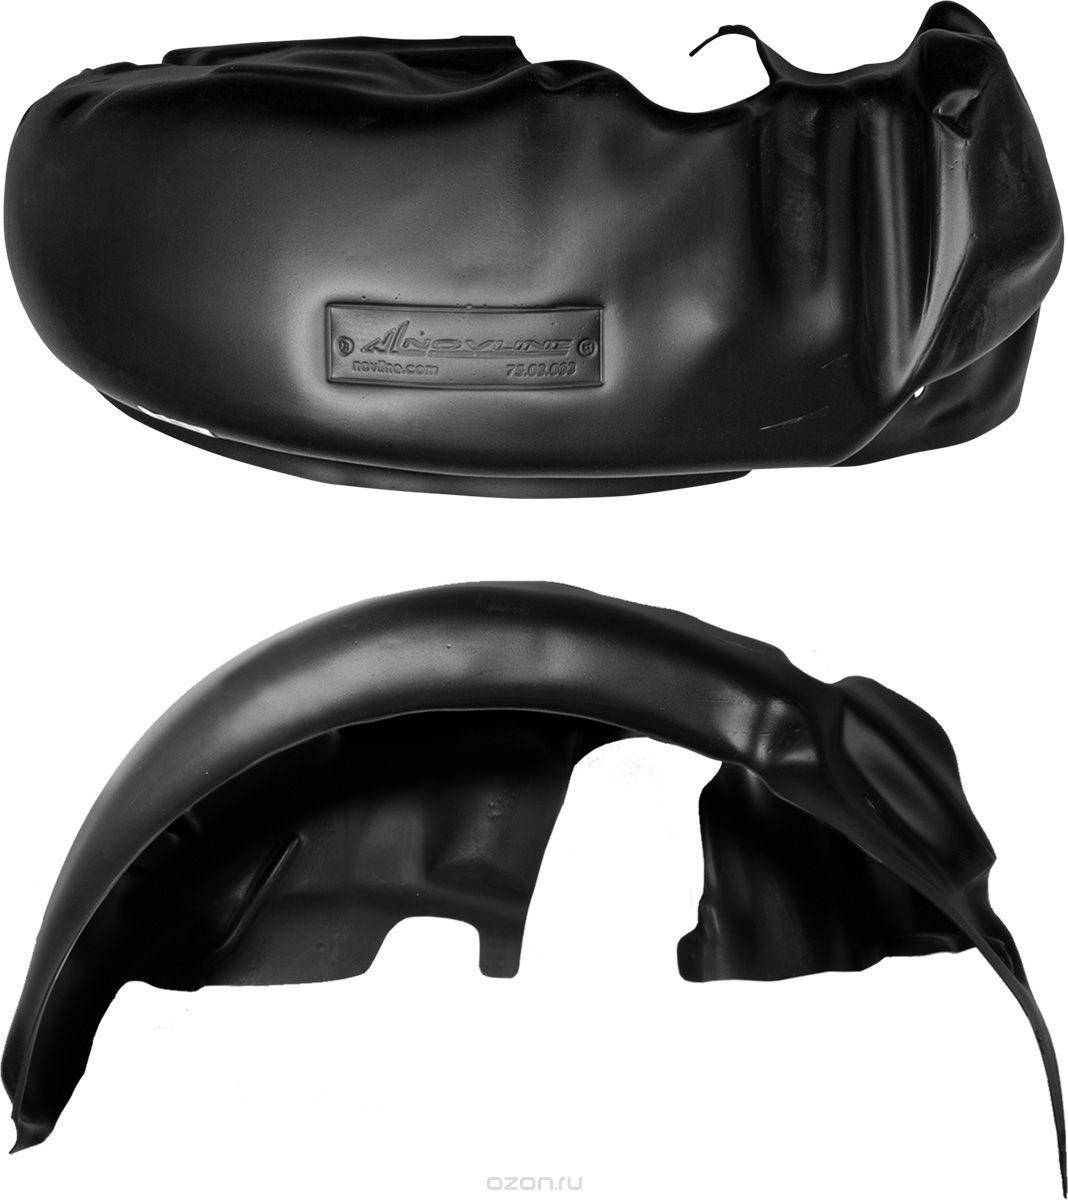 Подкрылок Novline-Autofamily, для Faw Besturn B50, 2012->, задний правыйNLL.62.12.004Идеальная защита колесной ниши. Локеры разработаны с применением цифровых технологий, гарантируют максимальную повторяемость поверхности арки. Изделия устанавливаются без нарушения лакокрасочного покрытия автомобиля, каждый подкрылок комплектуется крепежом. Уважаемые клиенты, обращаем ваше внимание, что фотографии на подкрылки универсальные и не отражают реальную форму изделия. При этом само изделие идет точно под размер указанного автомобиля.